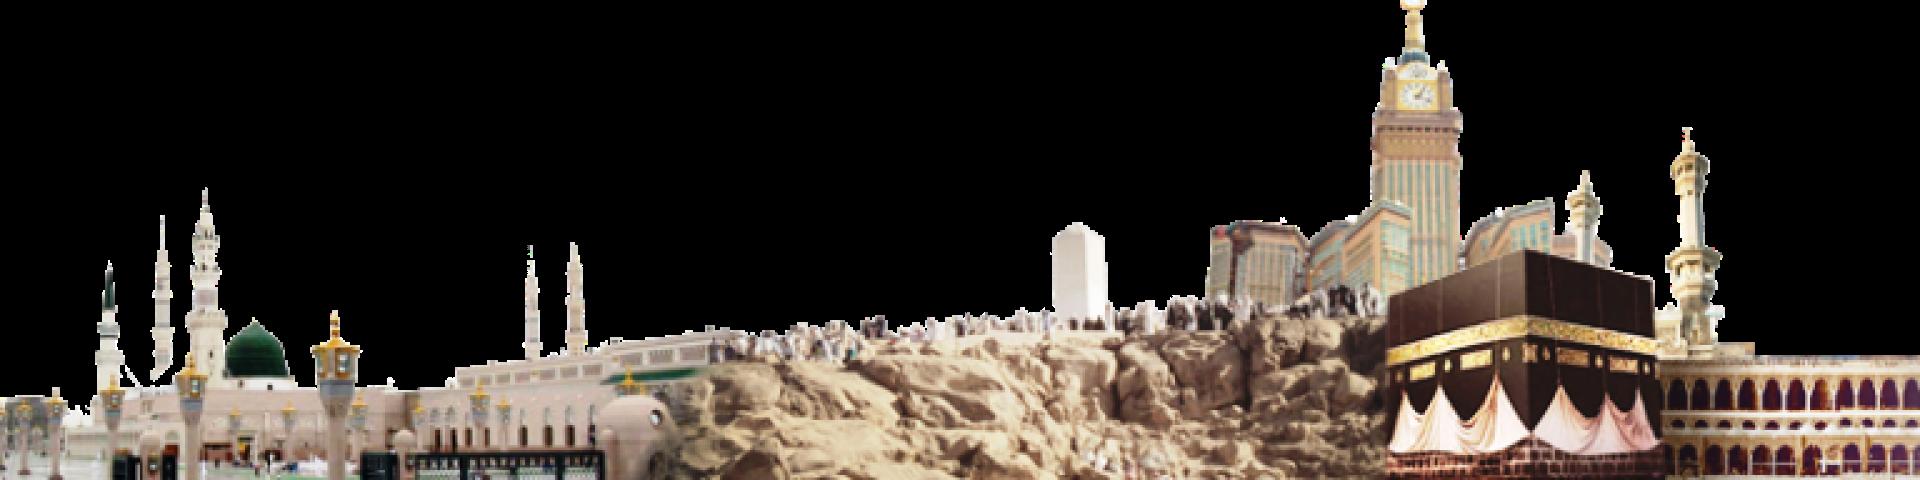 Madinah Makkah Hajj